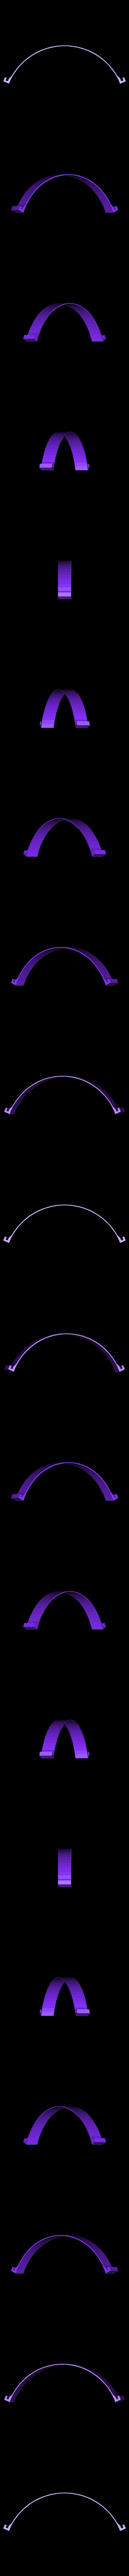 SUJECION_MASCARILLA_SIMPLE_AGARRE_140MM.stl Télécharger fichier STL gratuit Porte-masque simple et double courbe + Boucle d'oreille (pour sauver les oreilles) • Objet pour imprimante 3D, celtarra12